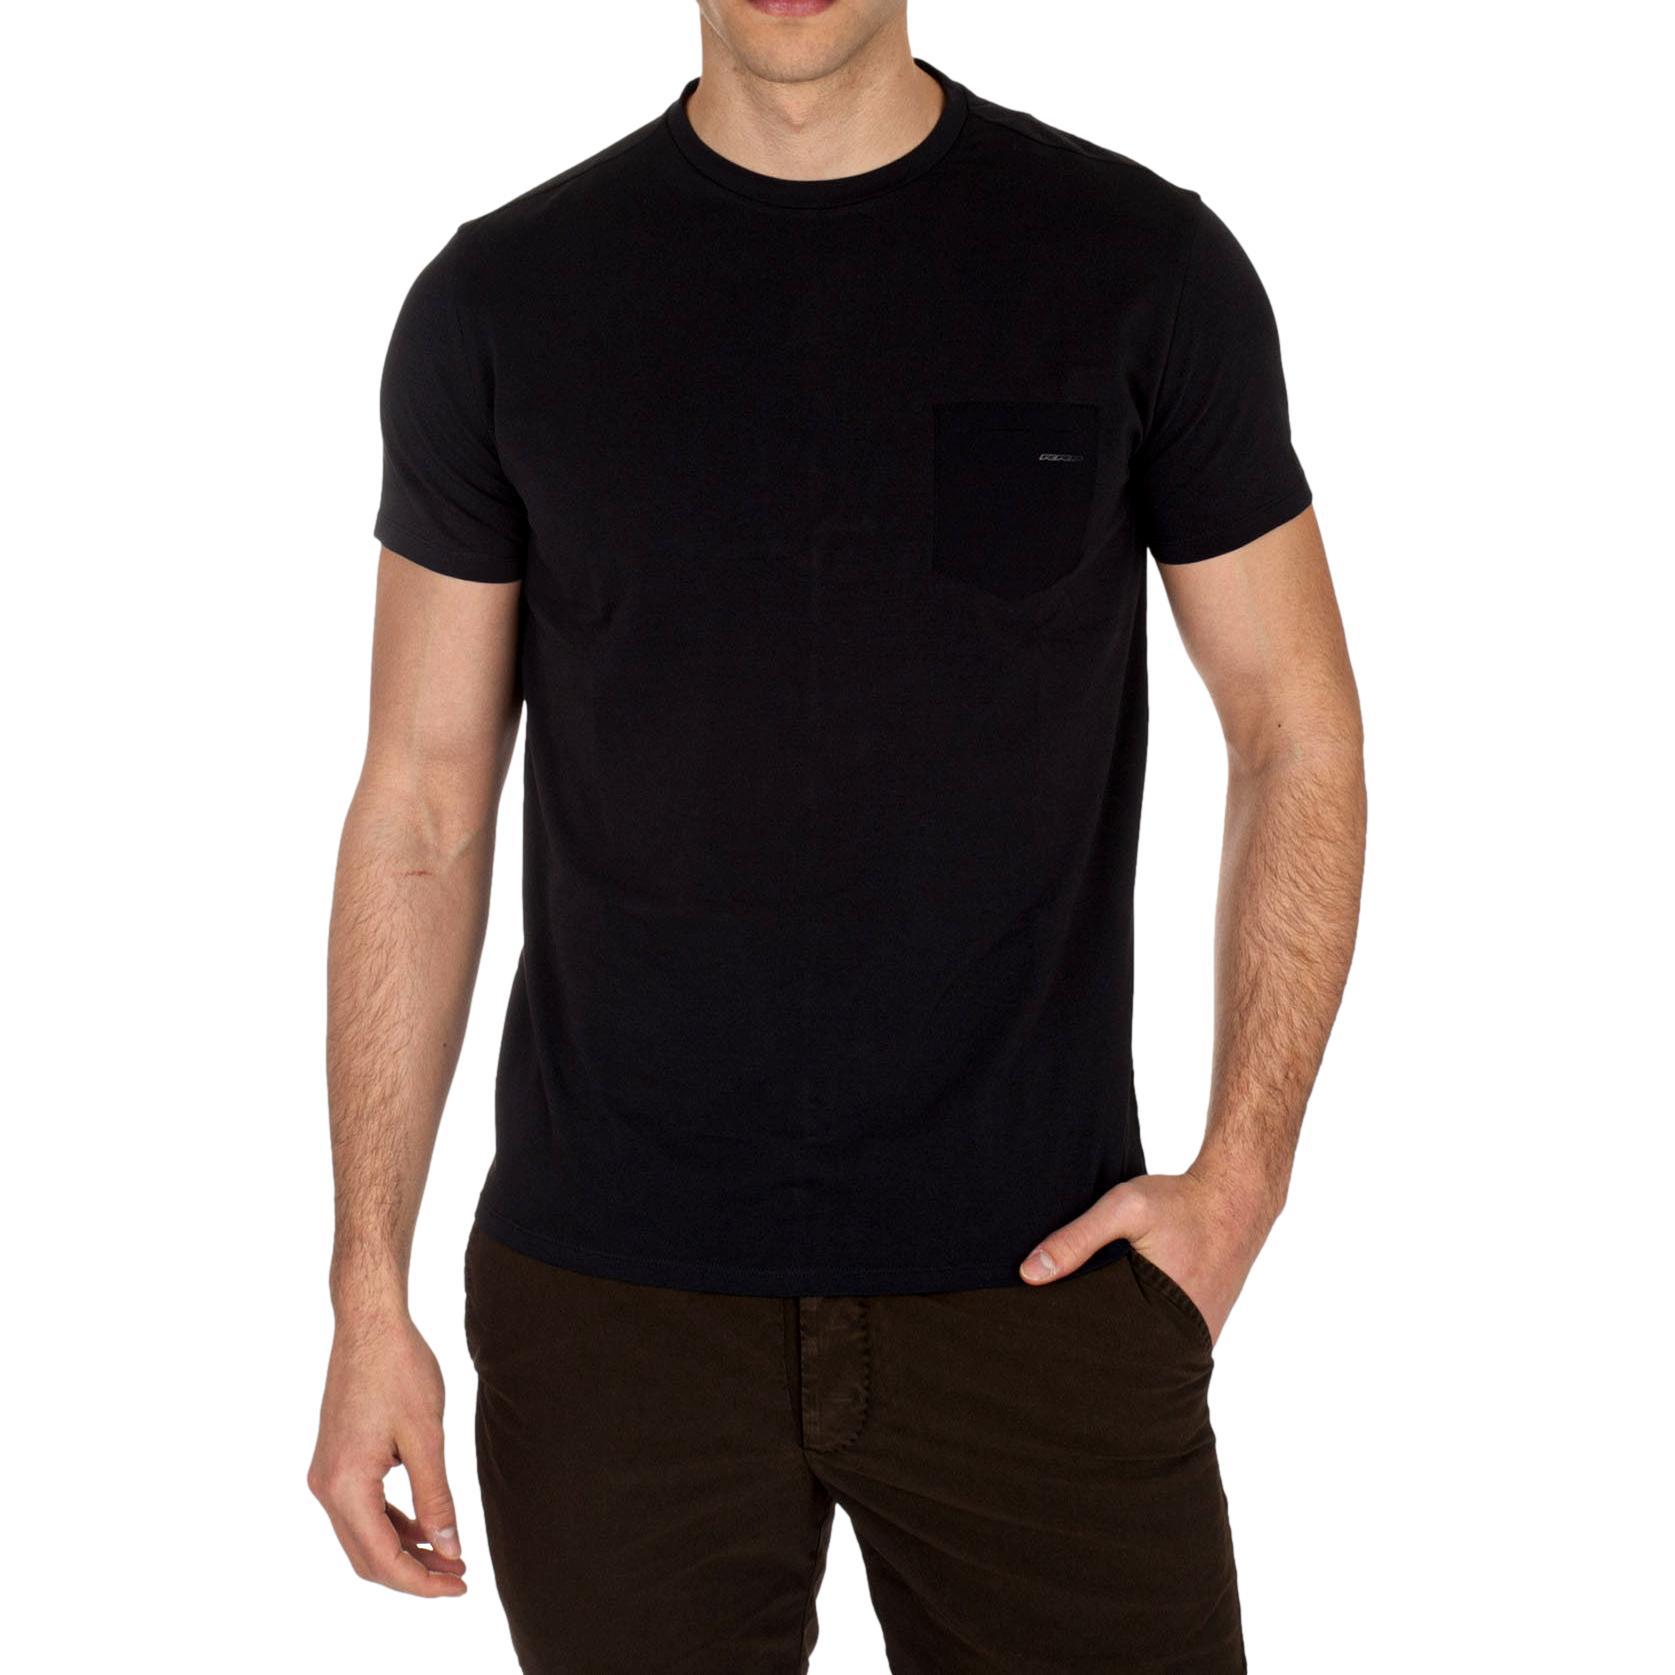 T-Shirt shirty revo RRD BLACK RRD      2116310